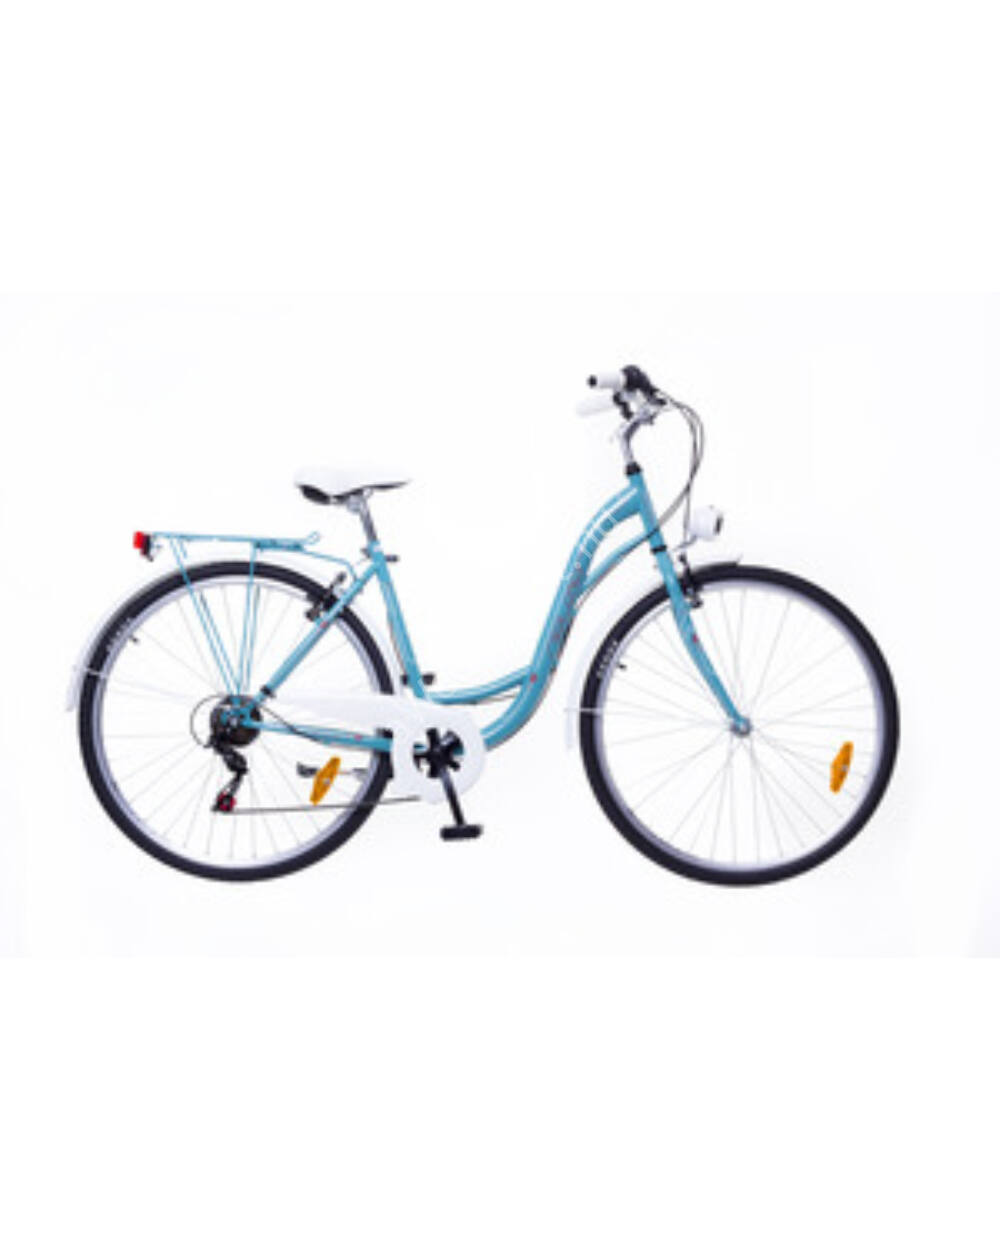 """Neuzer Ravenna 6 Plus türkiz 19"""" női városi kerékpár"""